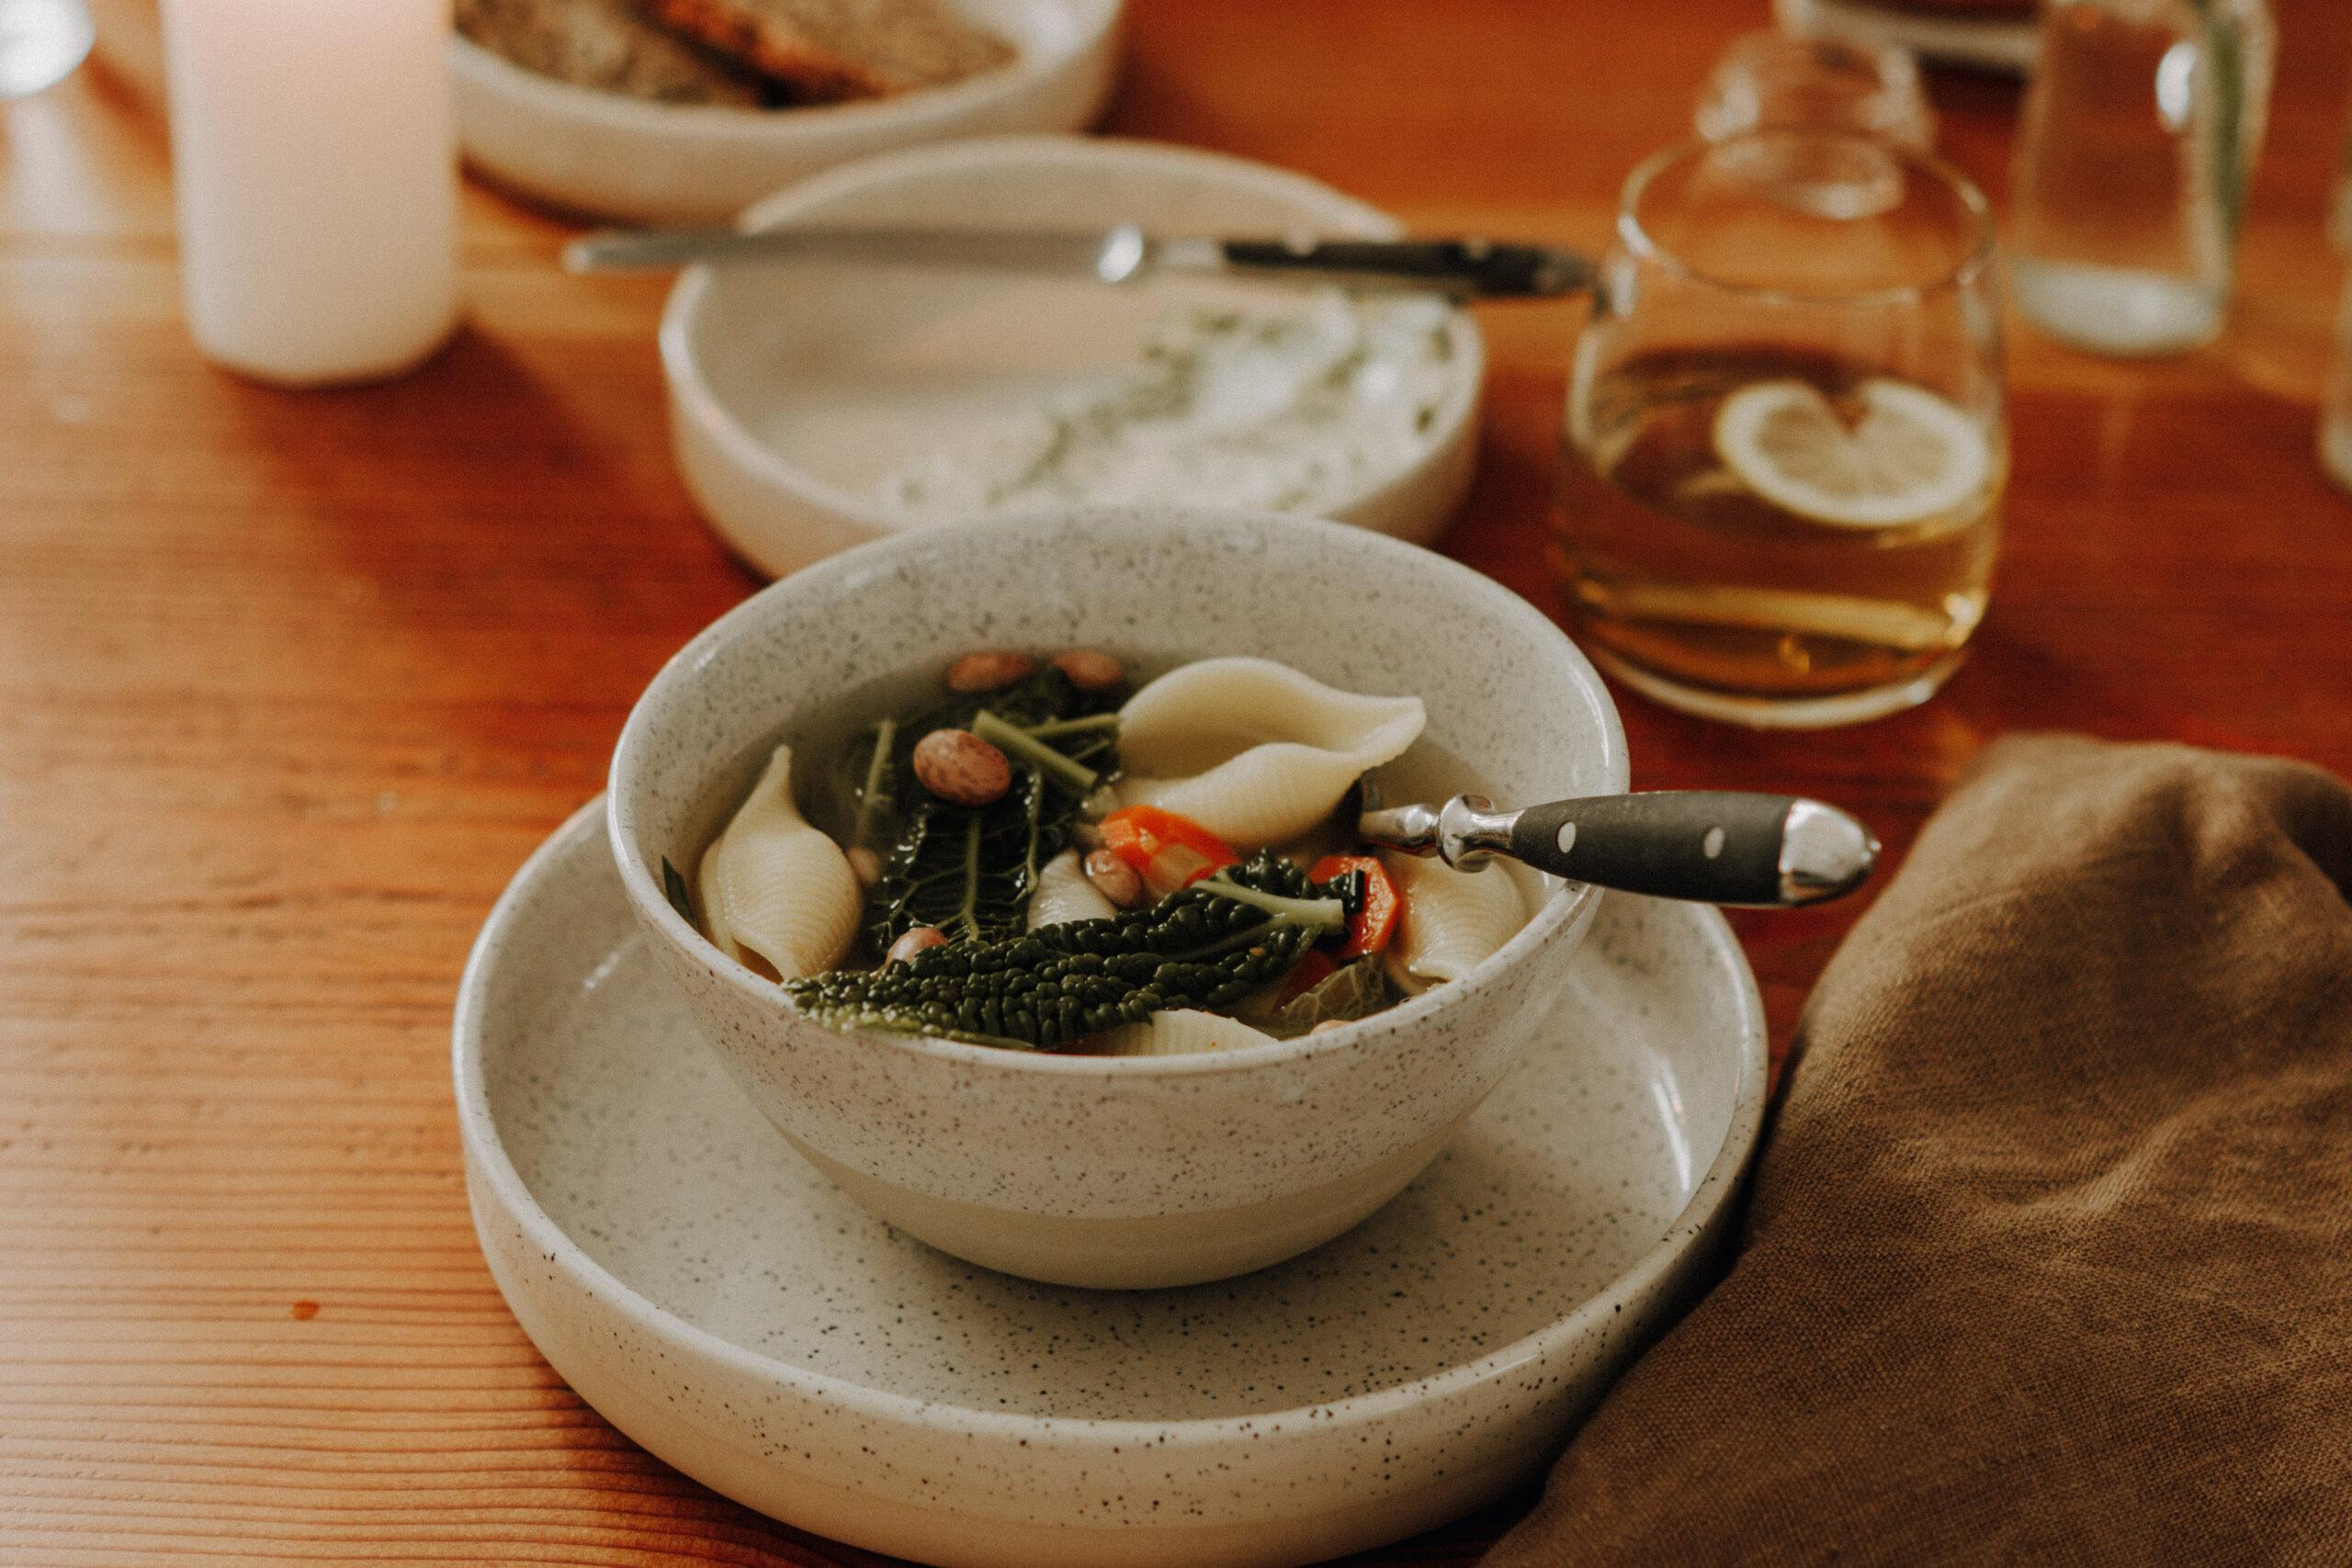 Gedeckter Frühlingstisch Bei Blumenthals mit portugiesischer Keramik und bunter Gemüsesuppe